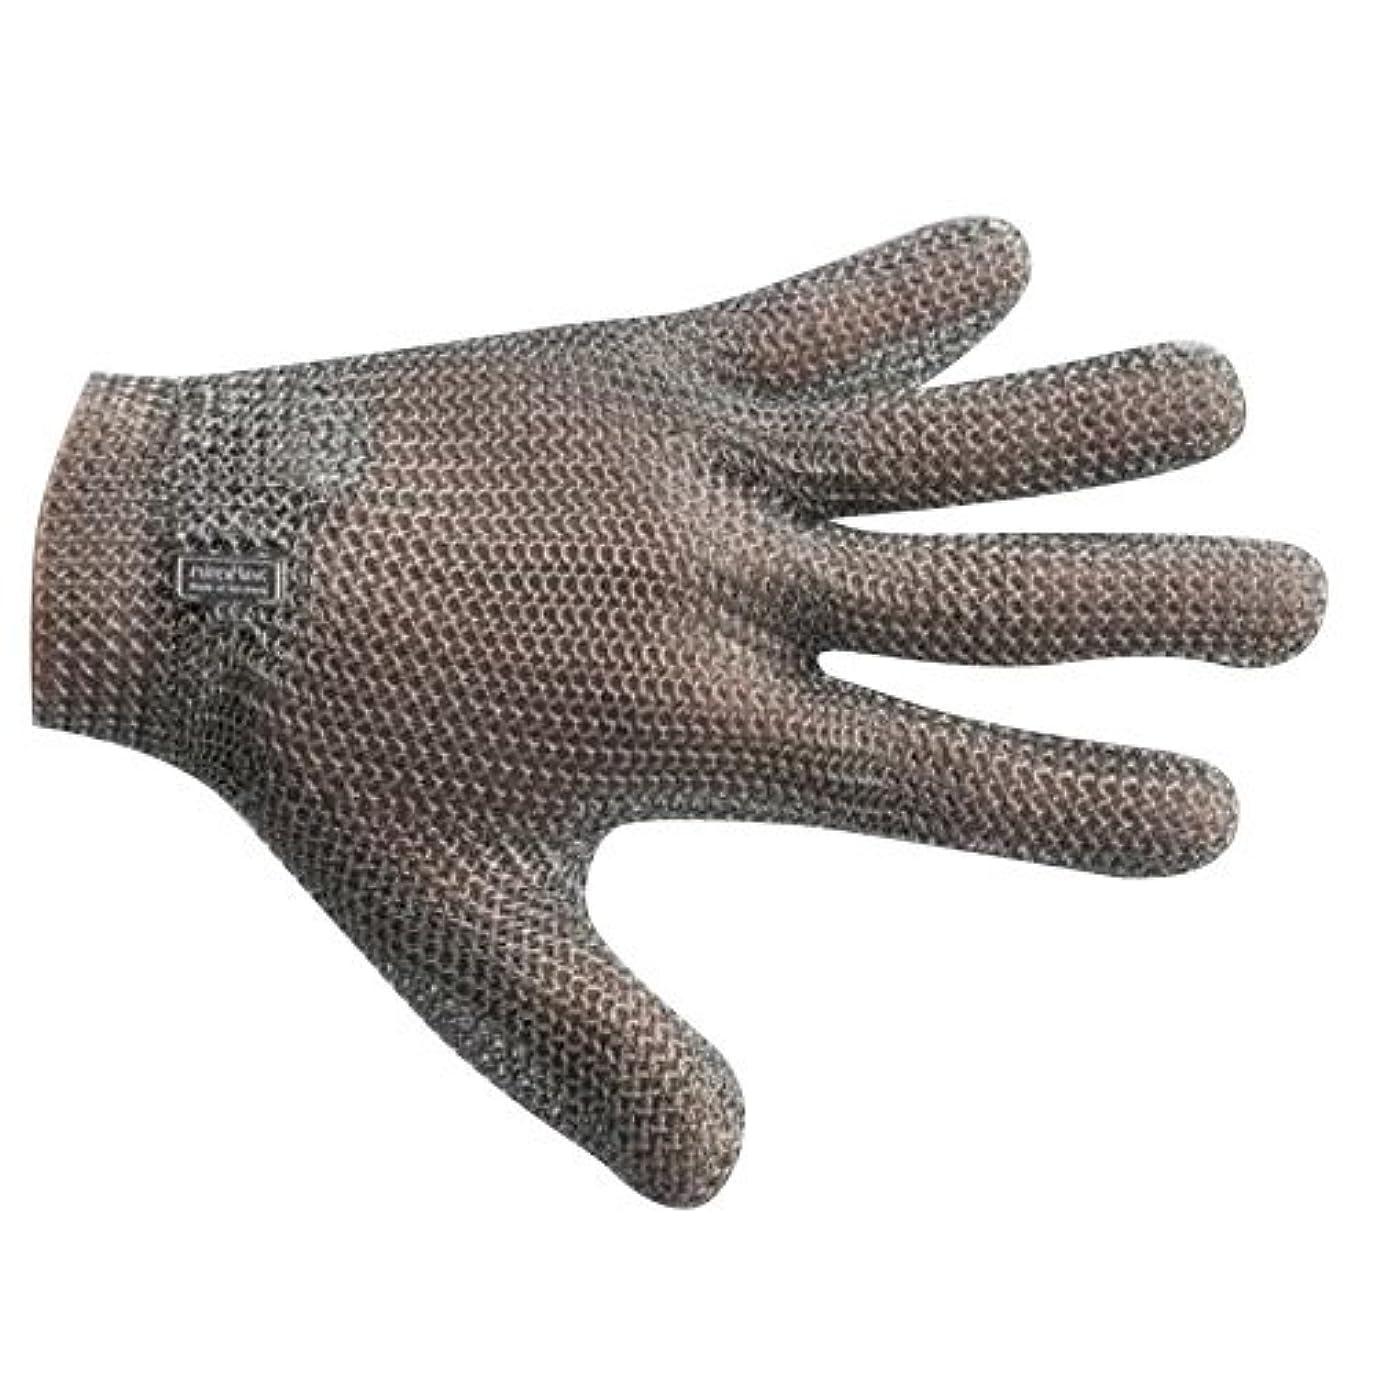 争い農民クレジット宇都宮製作 GU-2500 ステンレスメッシュ手袋 5本指(左右兼用) SS